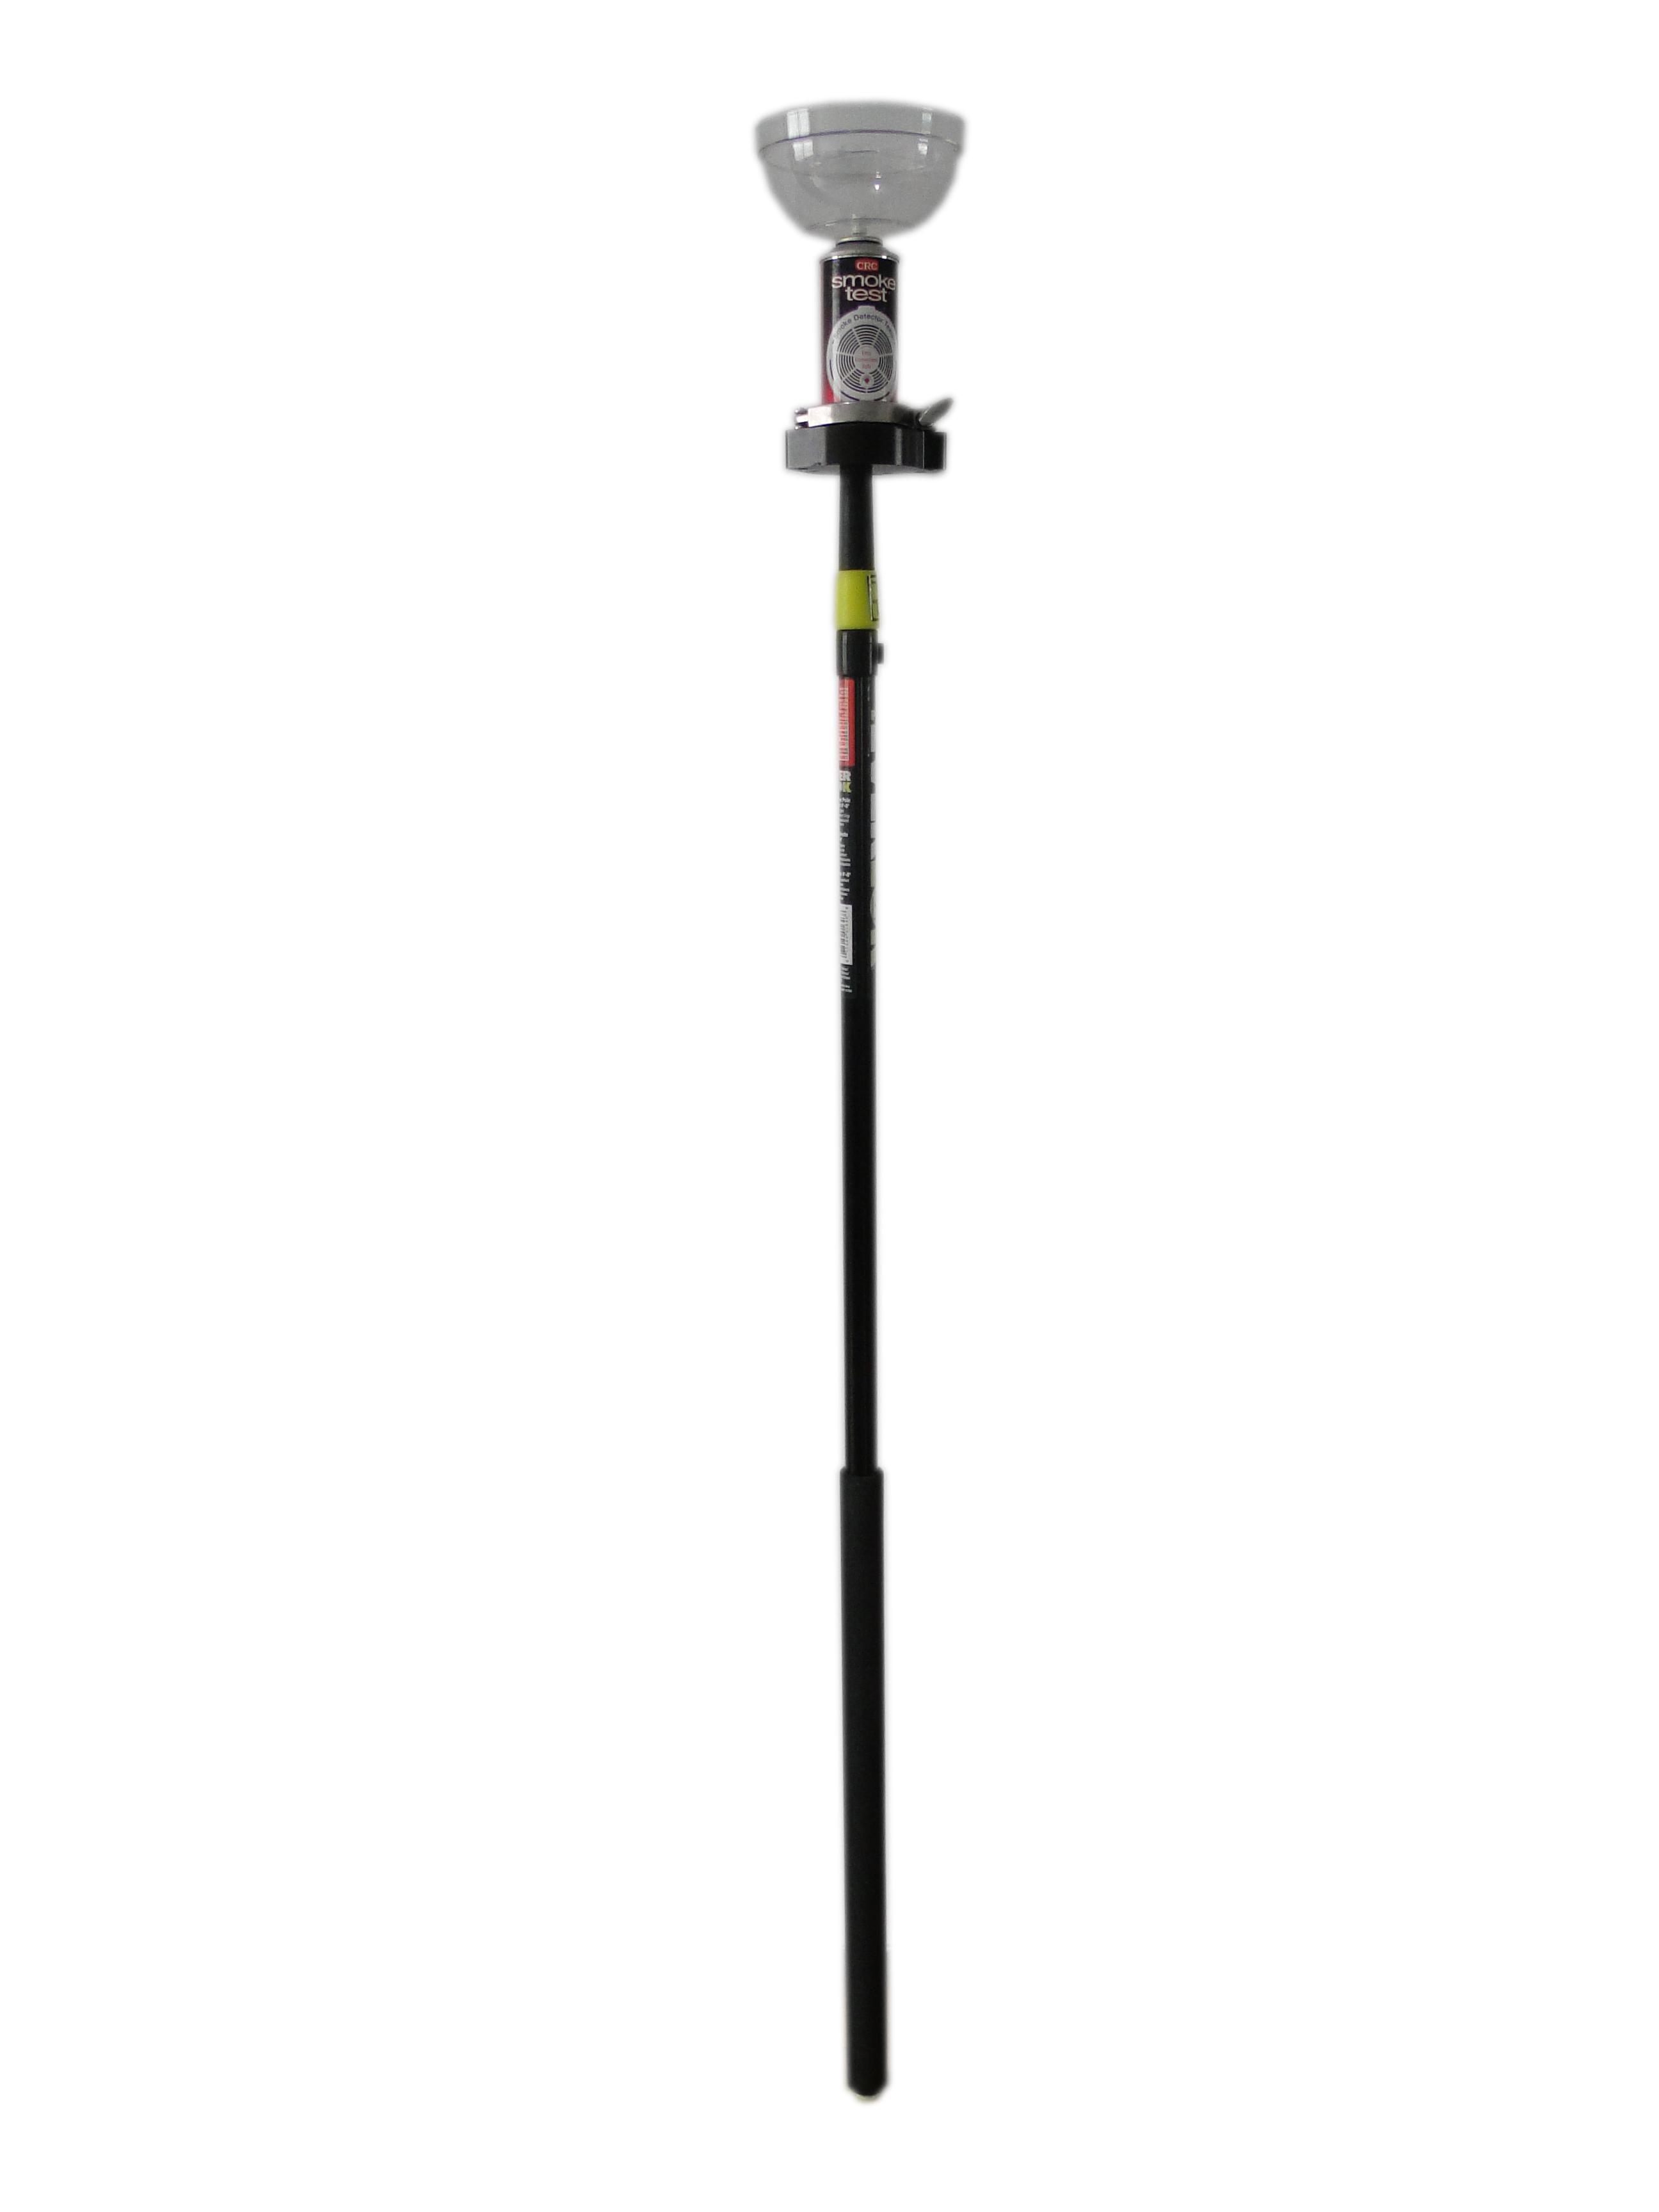 消防便携式烟感测试器直销 山东烟感测试价格